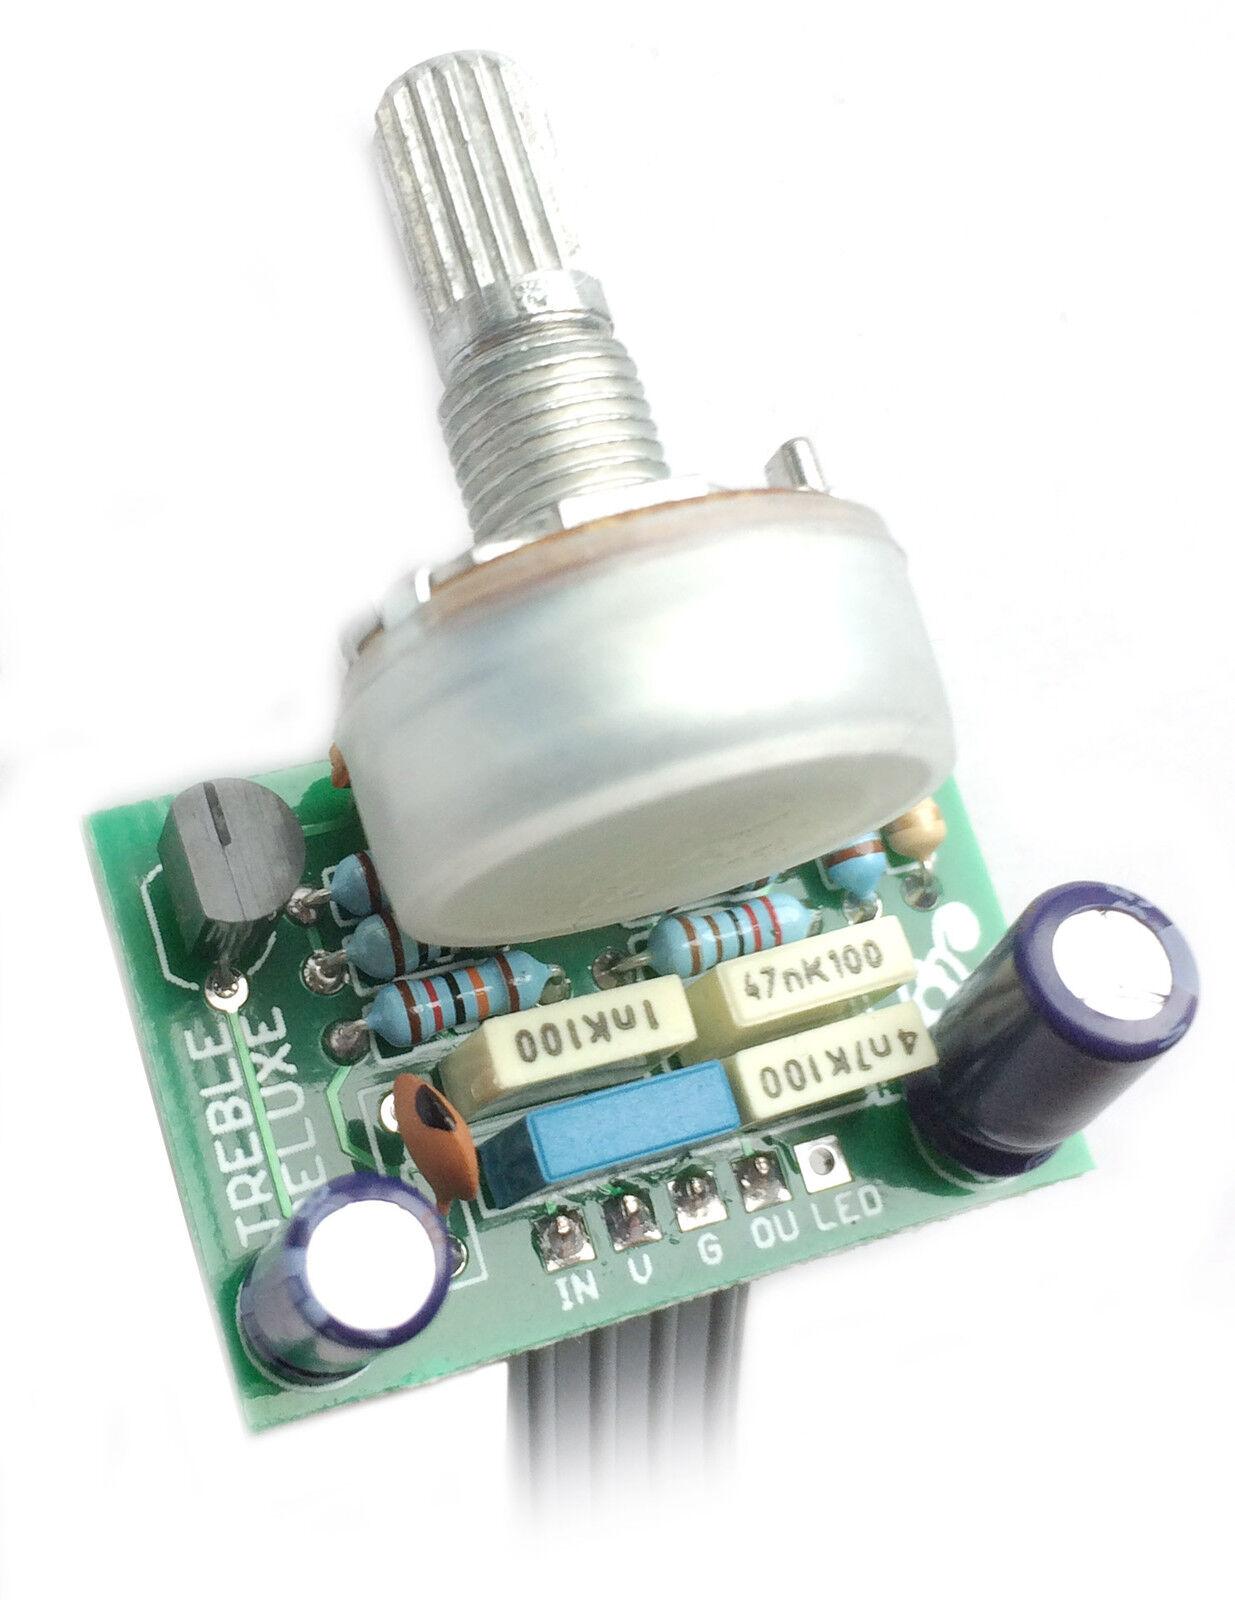 Kit de pedal de efectos agudos Deluxe-Hazlo Deluxe-Hazlo Deluxe-Hazlo tú mismo con PCB fabricado profesionalmente d6b618